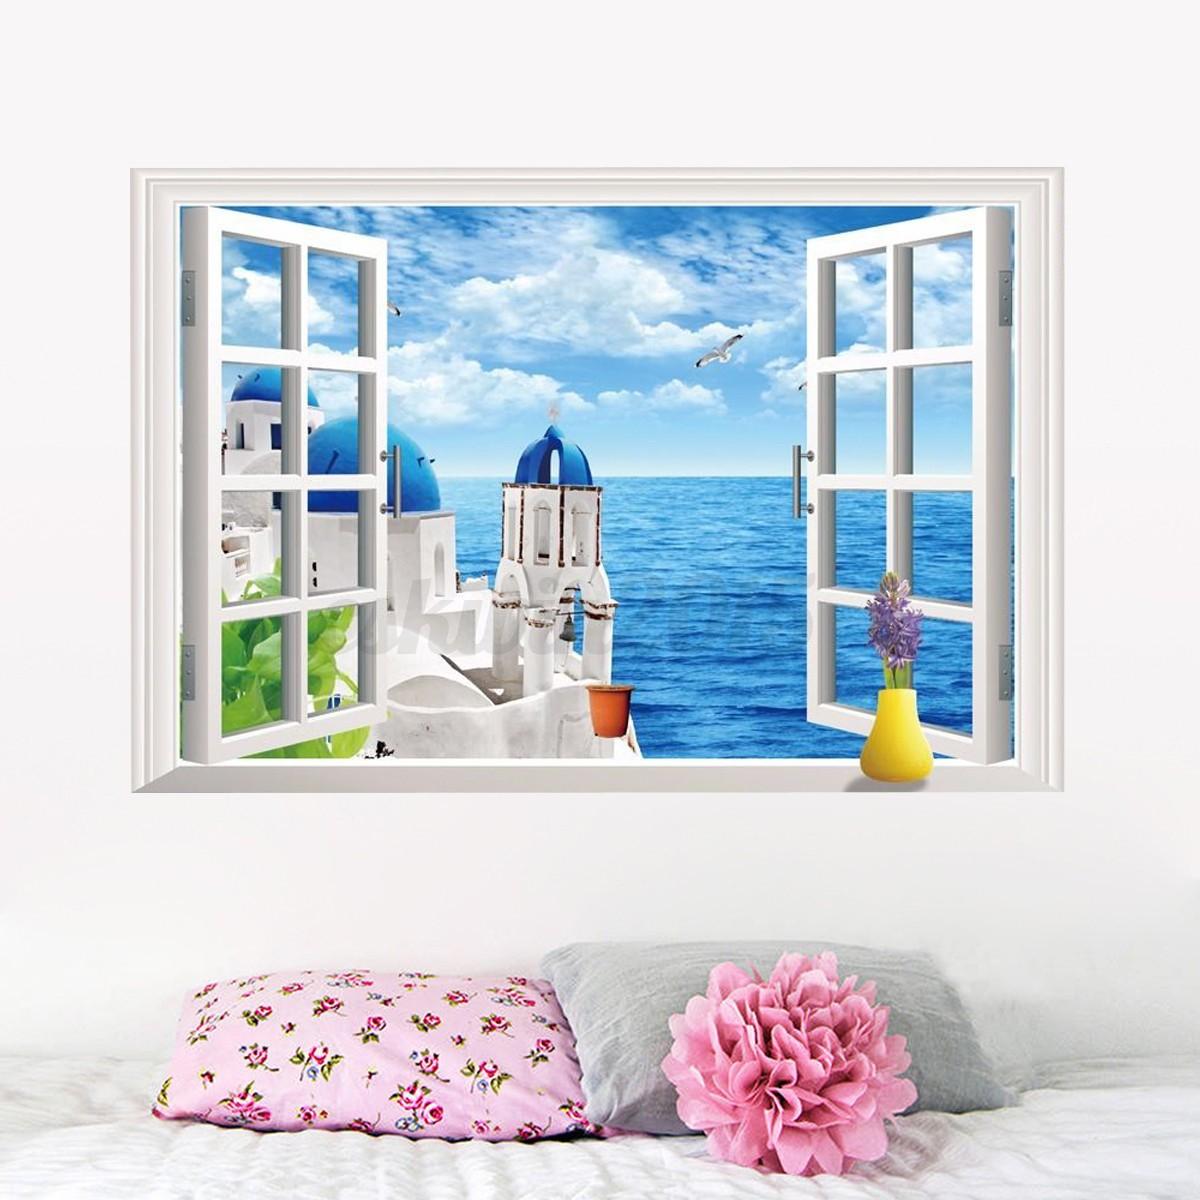 3d ocean beach window wall sticker decals room decor vinyl for Beach wall mural sticker